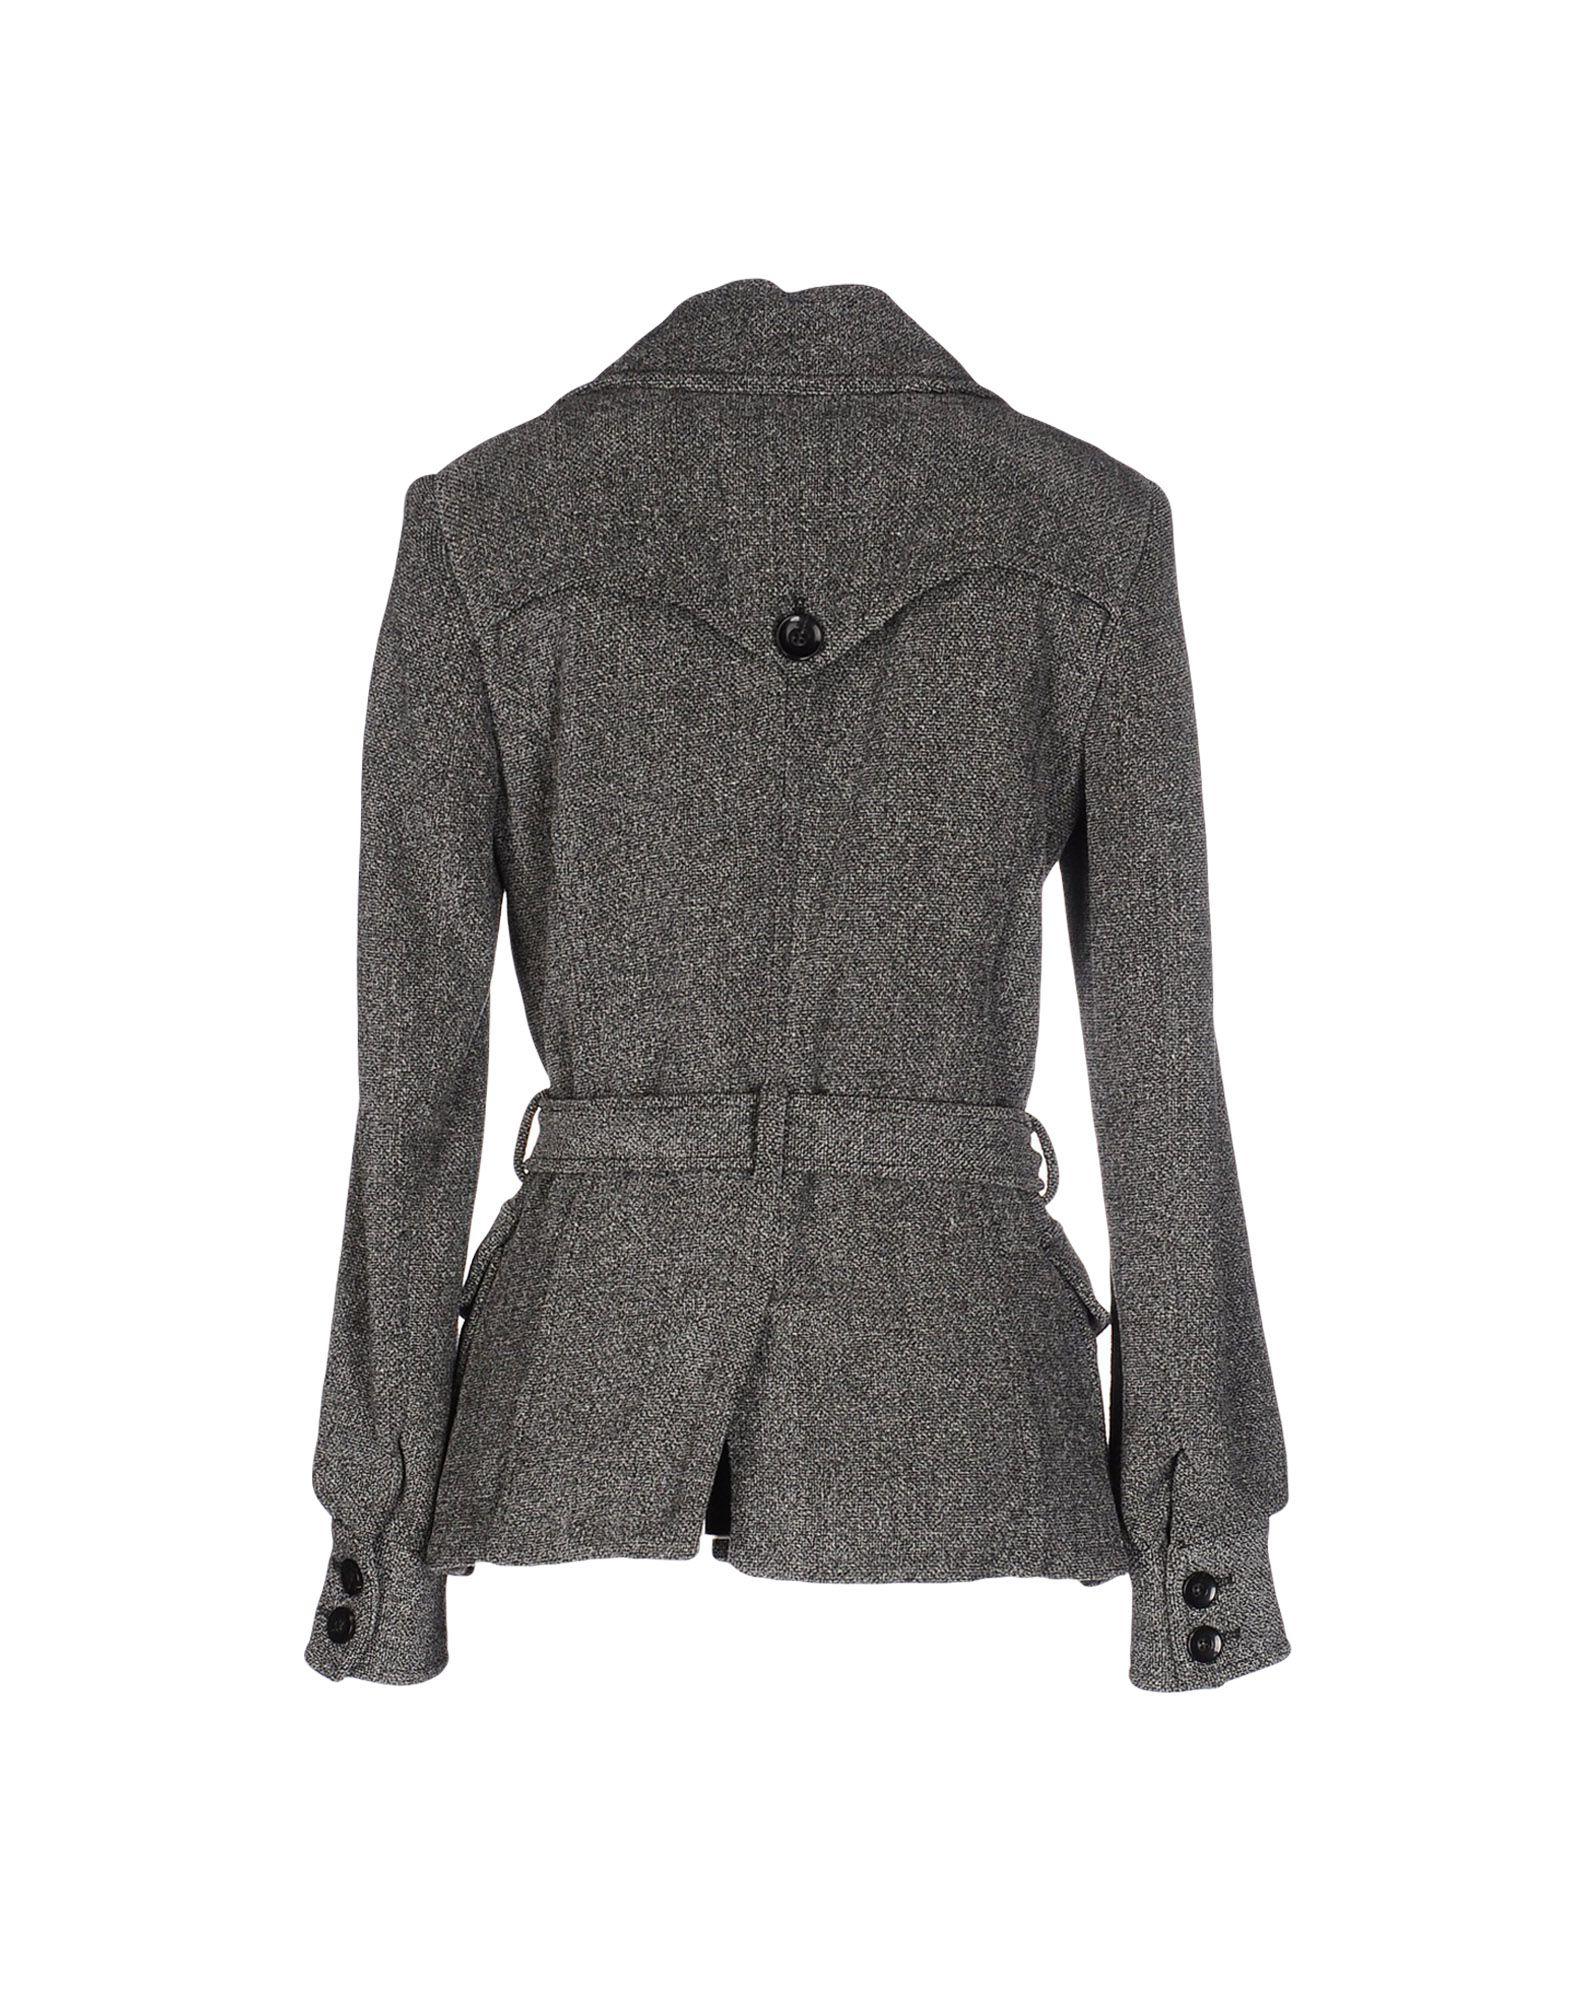 harmont and blaine jacket - photo #25